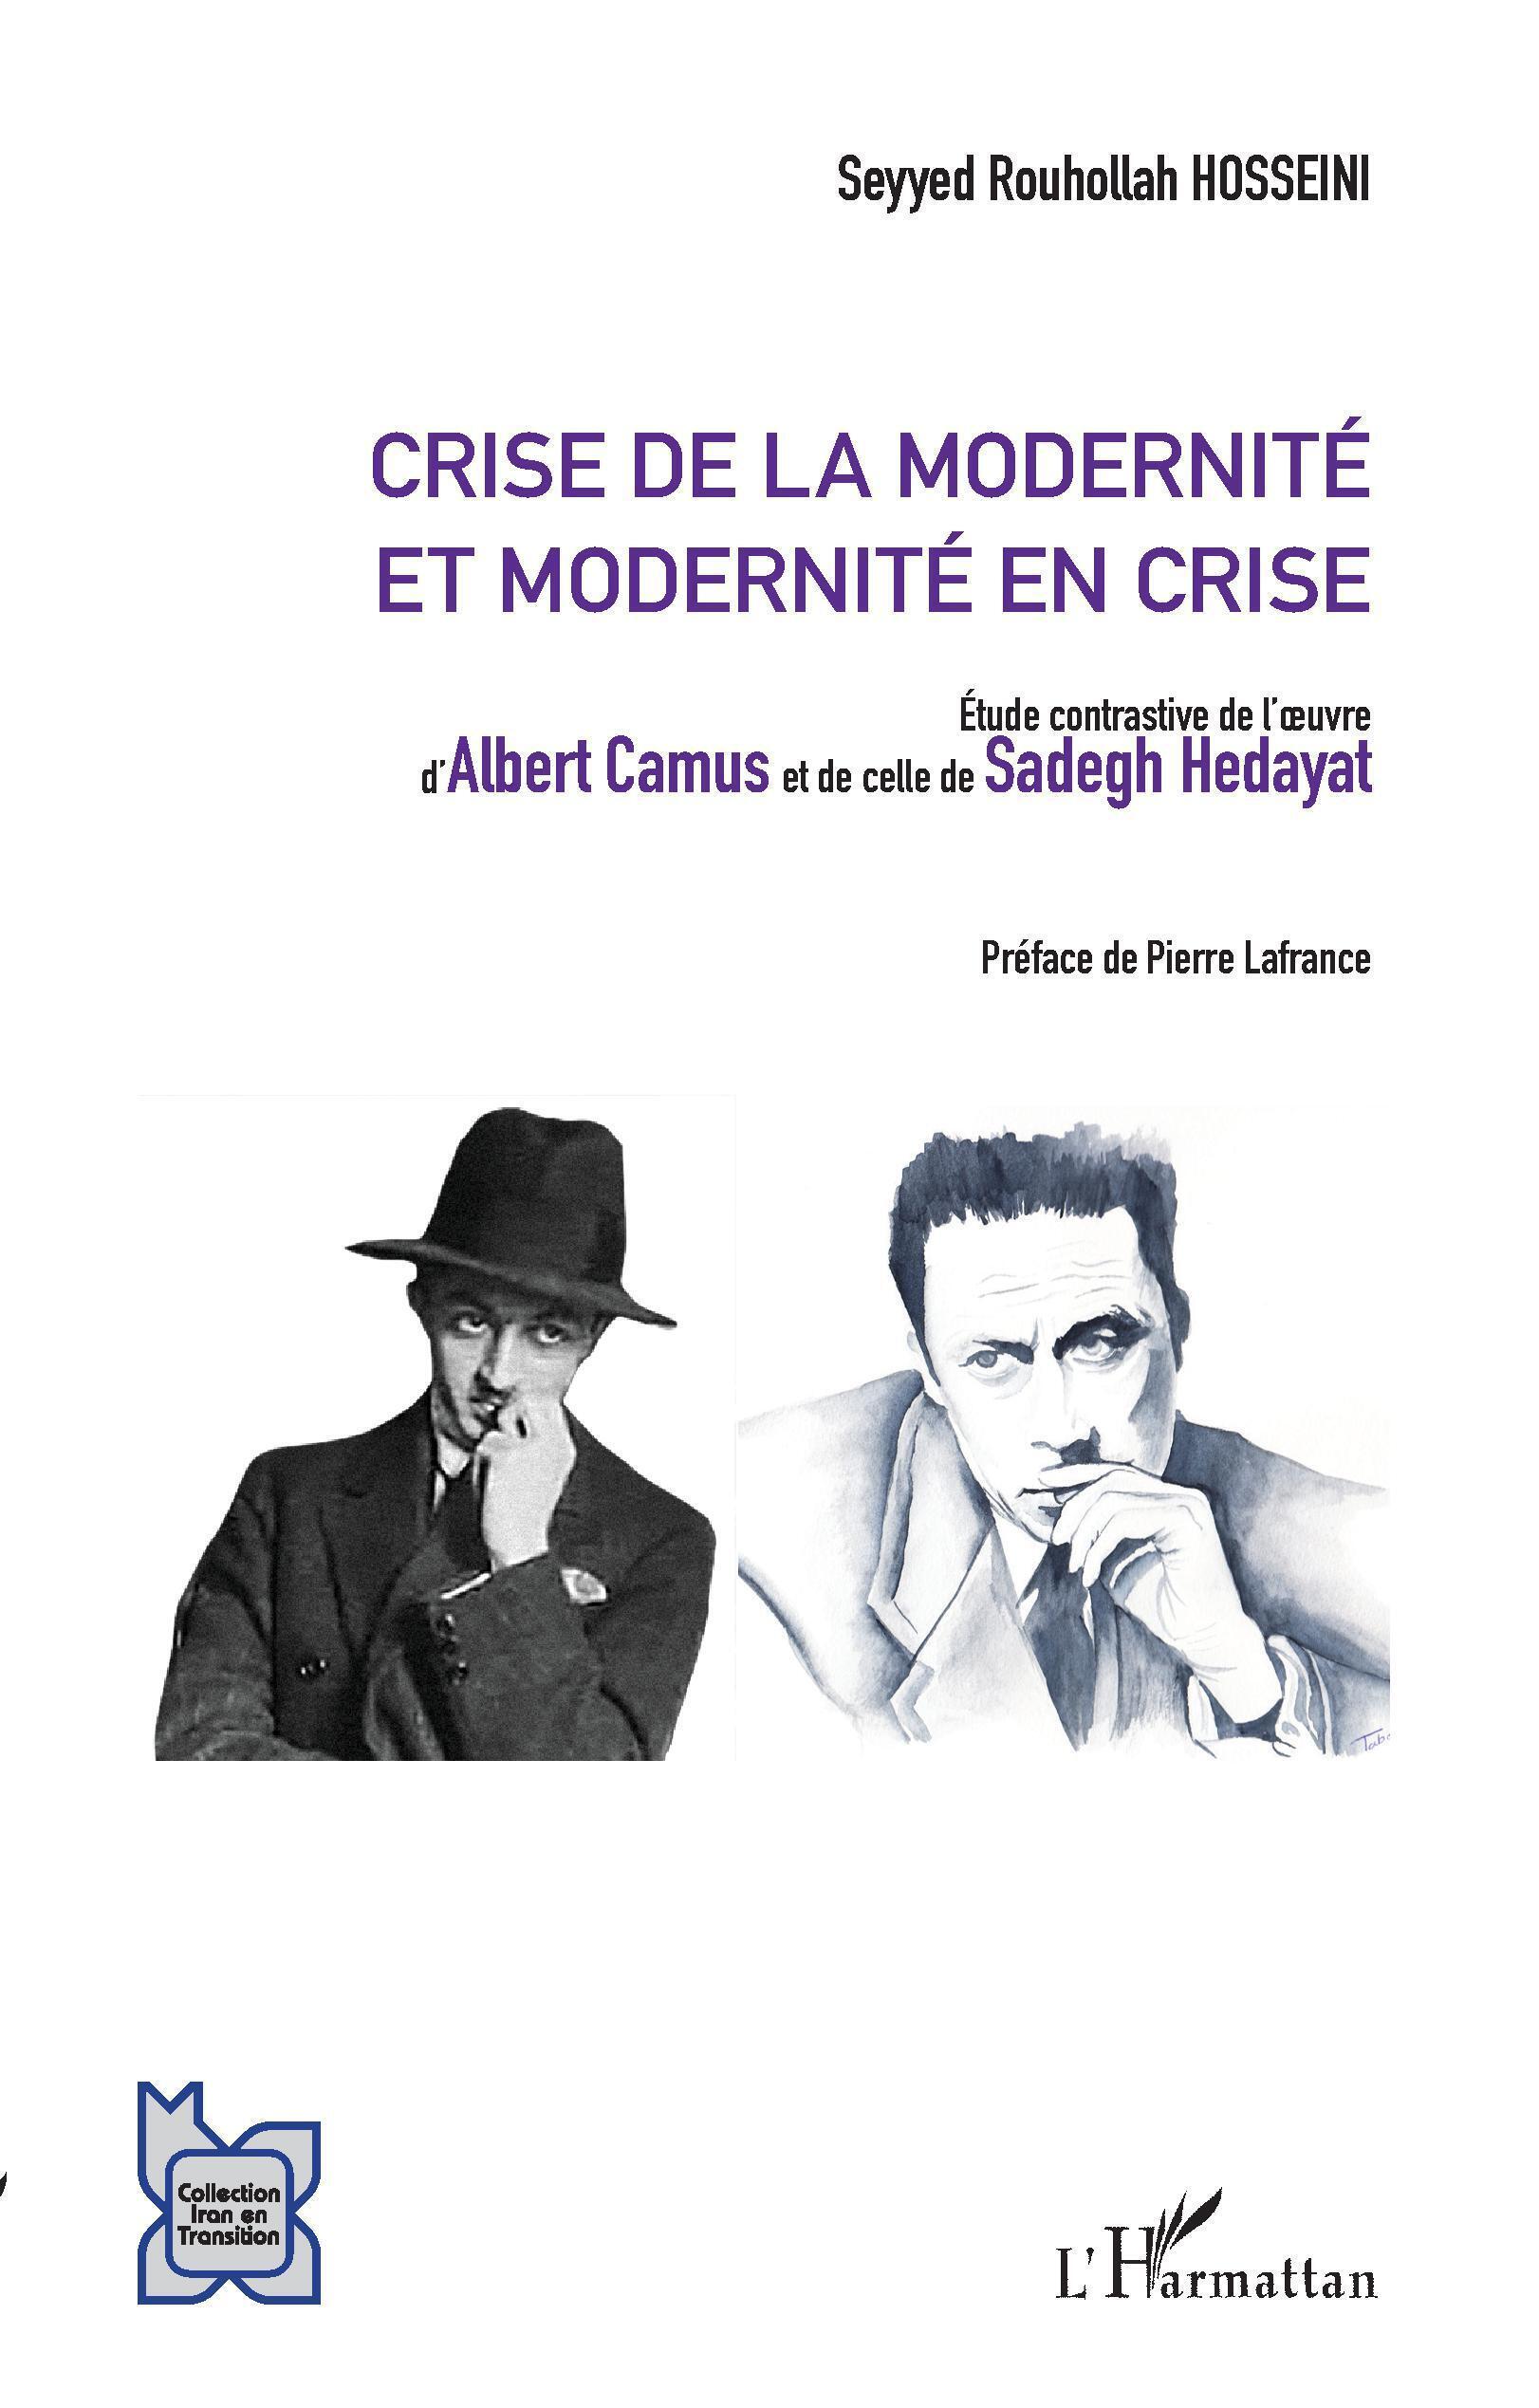 تصویر جلد کتاب بحران مدرنیته و مدرنیته در بحران